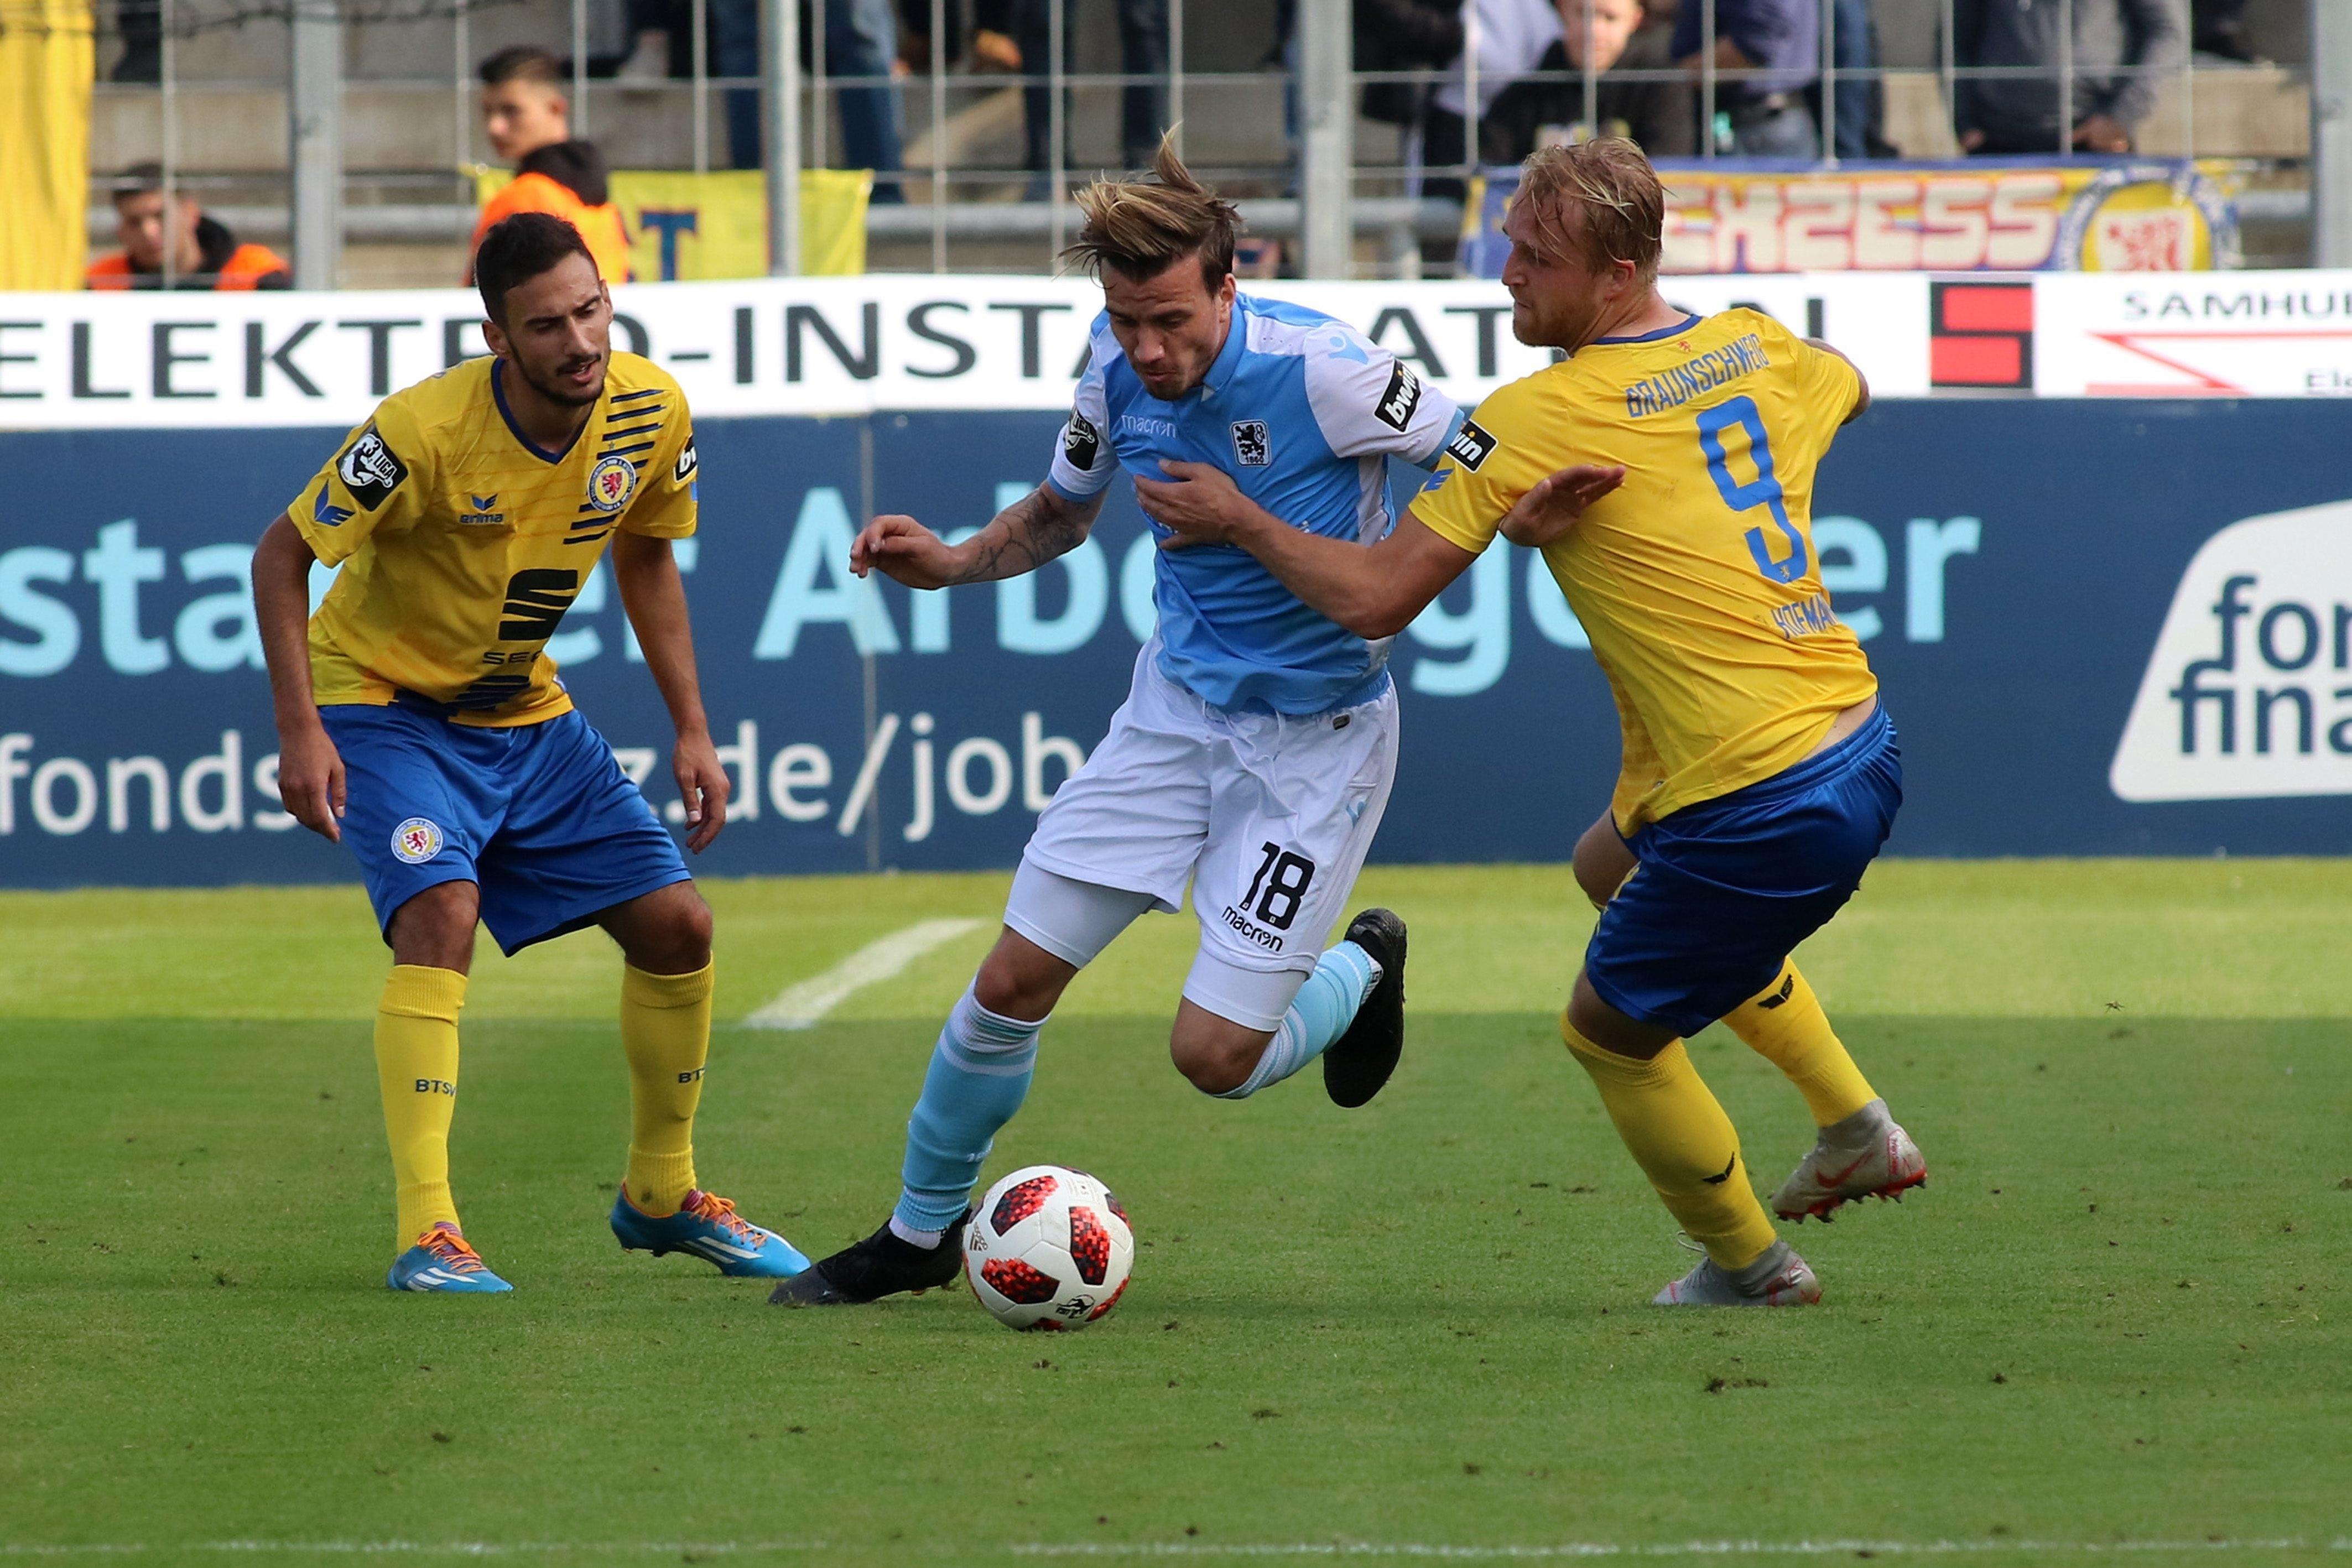 Spielszene TSV 1860 München - Eintracht Braunschweig aus der Saison 2018/19